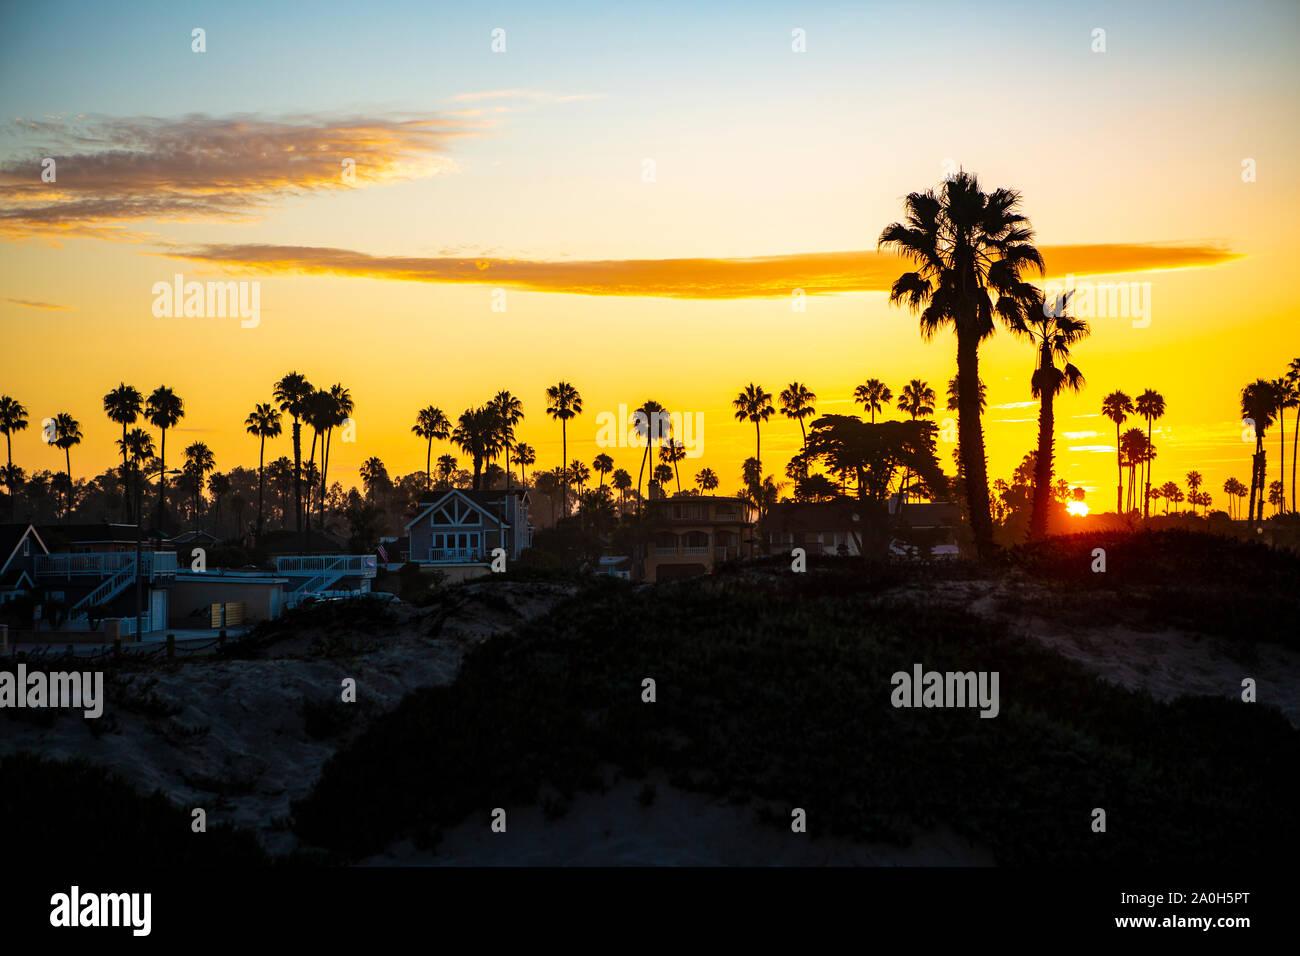 Sonnenaufgang hinter dem Palmenstrand am südlichen Ende von Big Sur in Kalifornien. Stock Photo